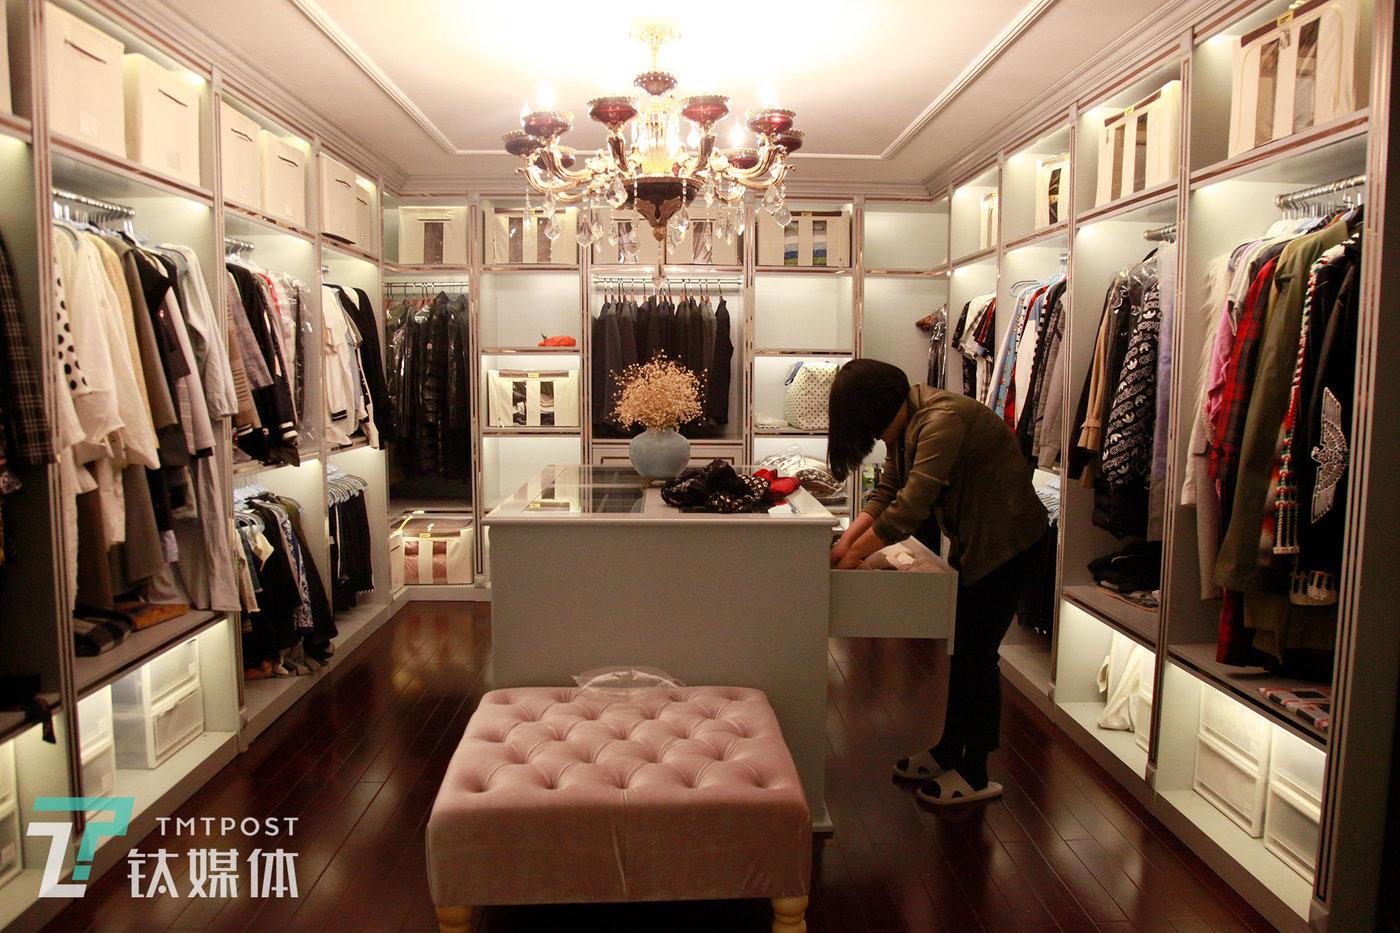 邵帅在客户的衣帽间整理围巾。